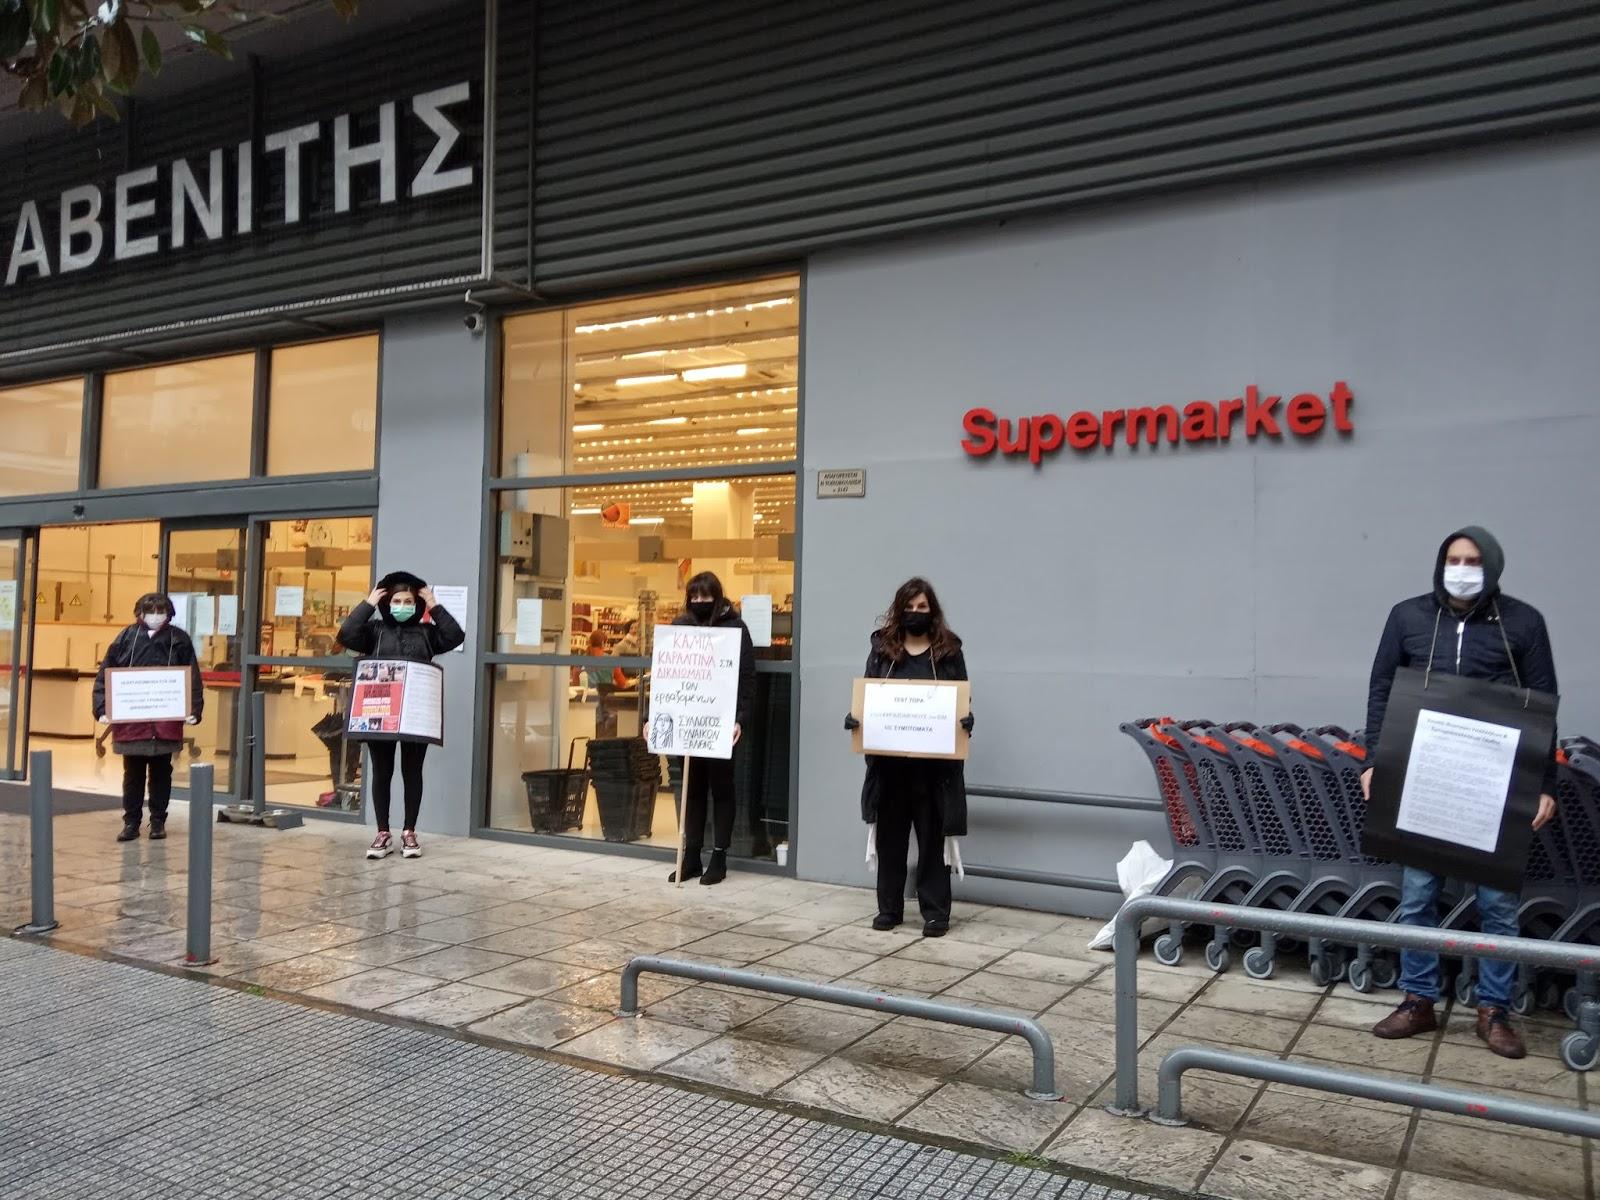 Ξάνθη: Ζητούν να γίνουν τεστ στους εργαζόμενους των σούπερ μάρκετ